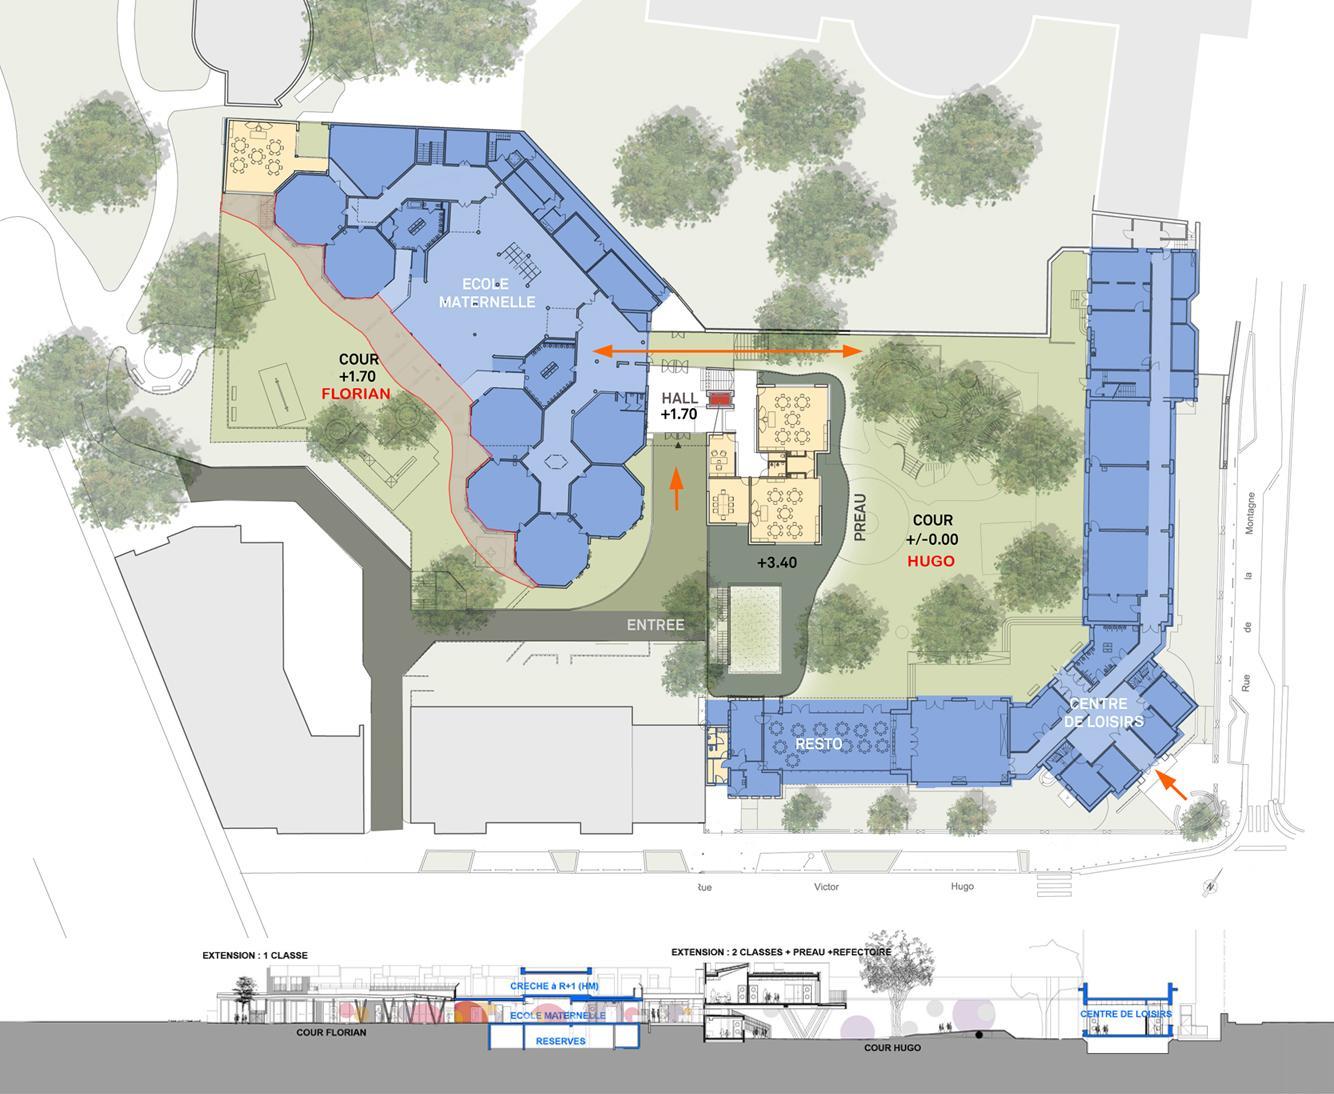 План школы Ecole Sonia Delaunay